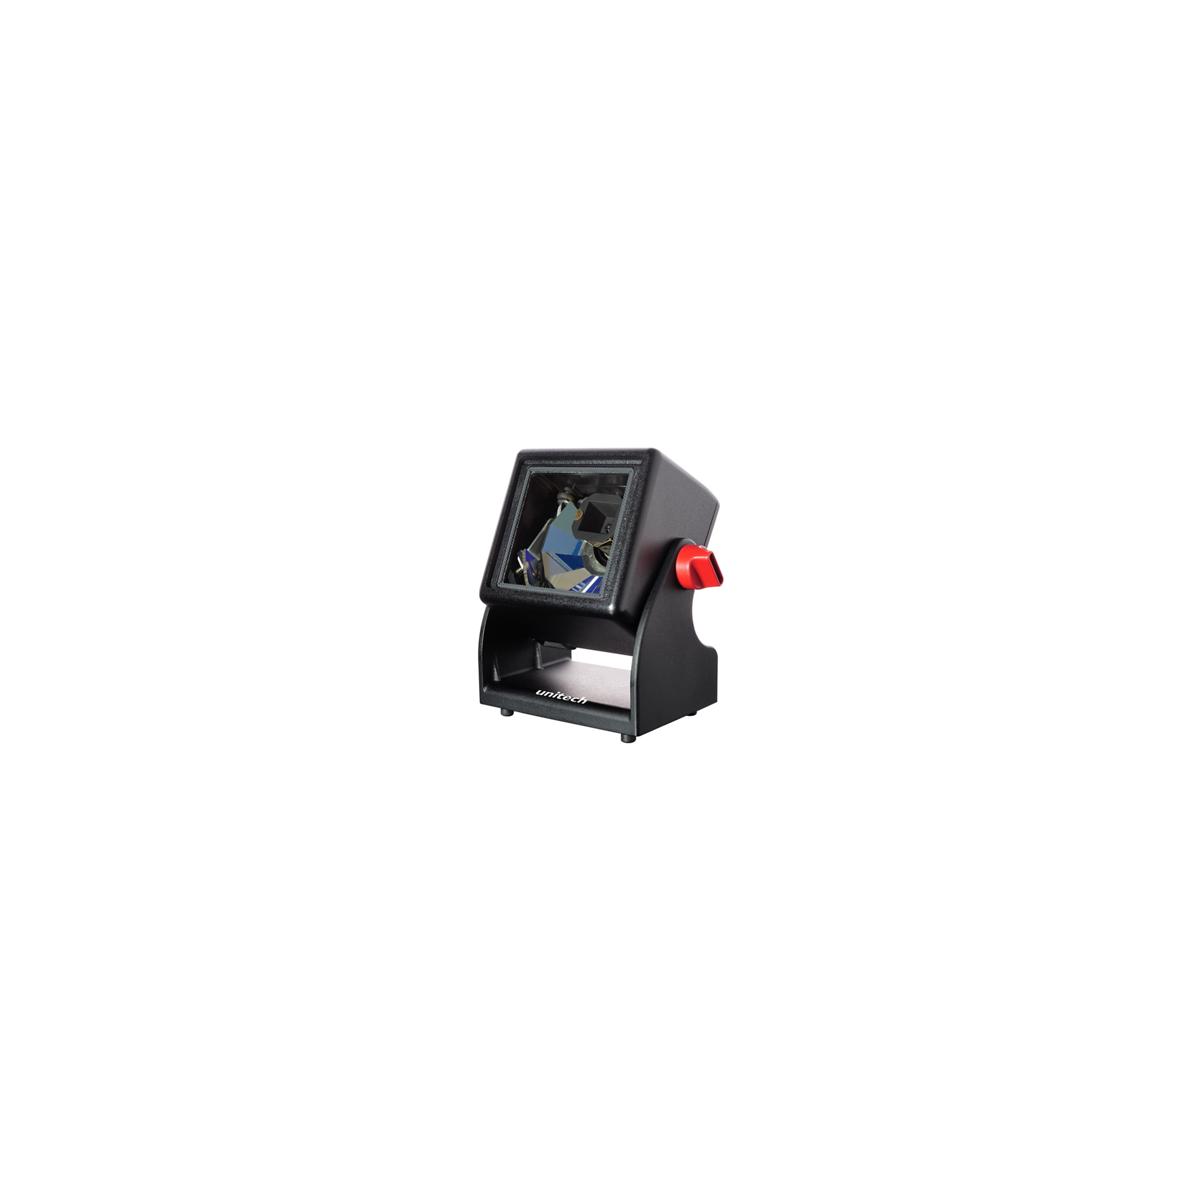 PS903 Black USB